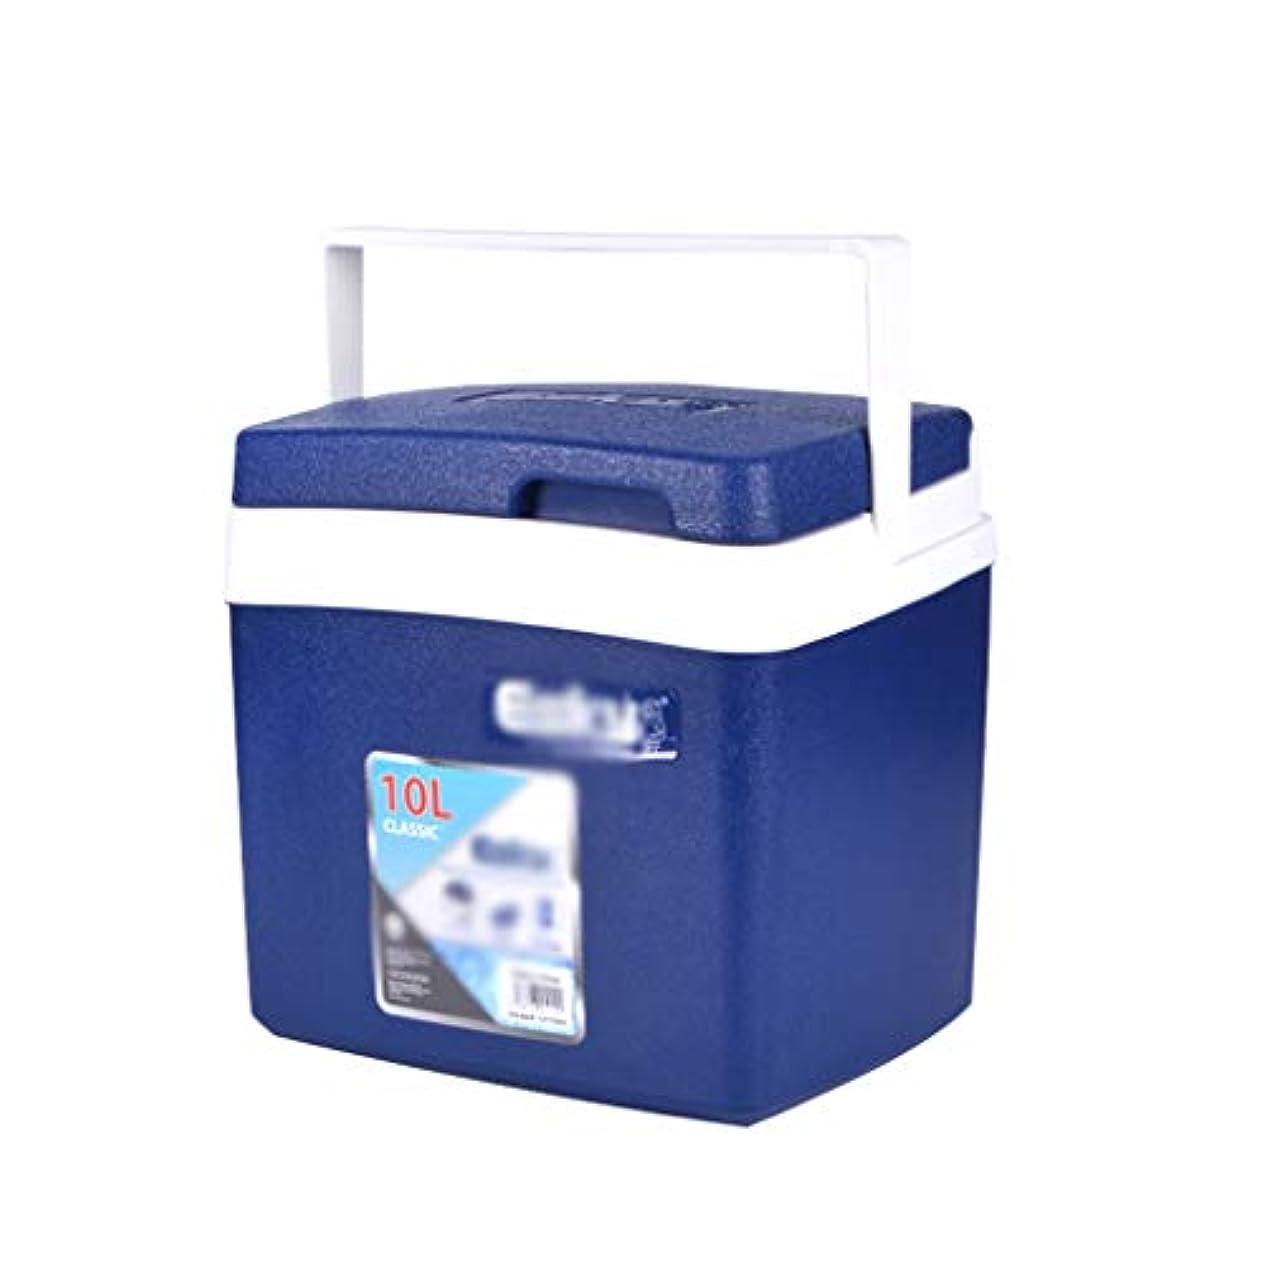 相対的ジョージハンブリー名詞10l家庭用クールボックス、プラスチック食品フルーツ保存車の負荷断熱ボックスデスクトップクーラーボックス28 * 23 * 28センチ (サイズ さいず : 28*23*28CM)